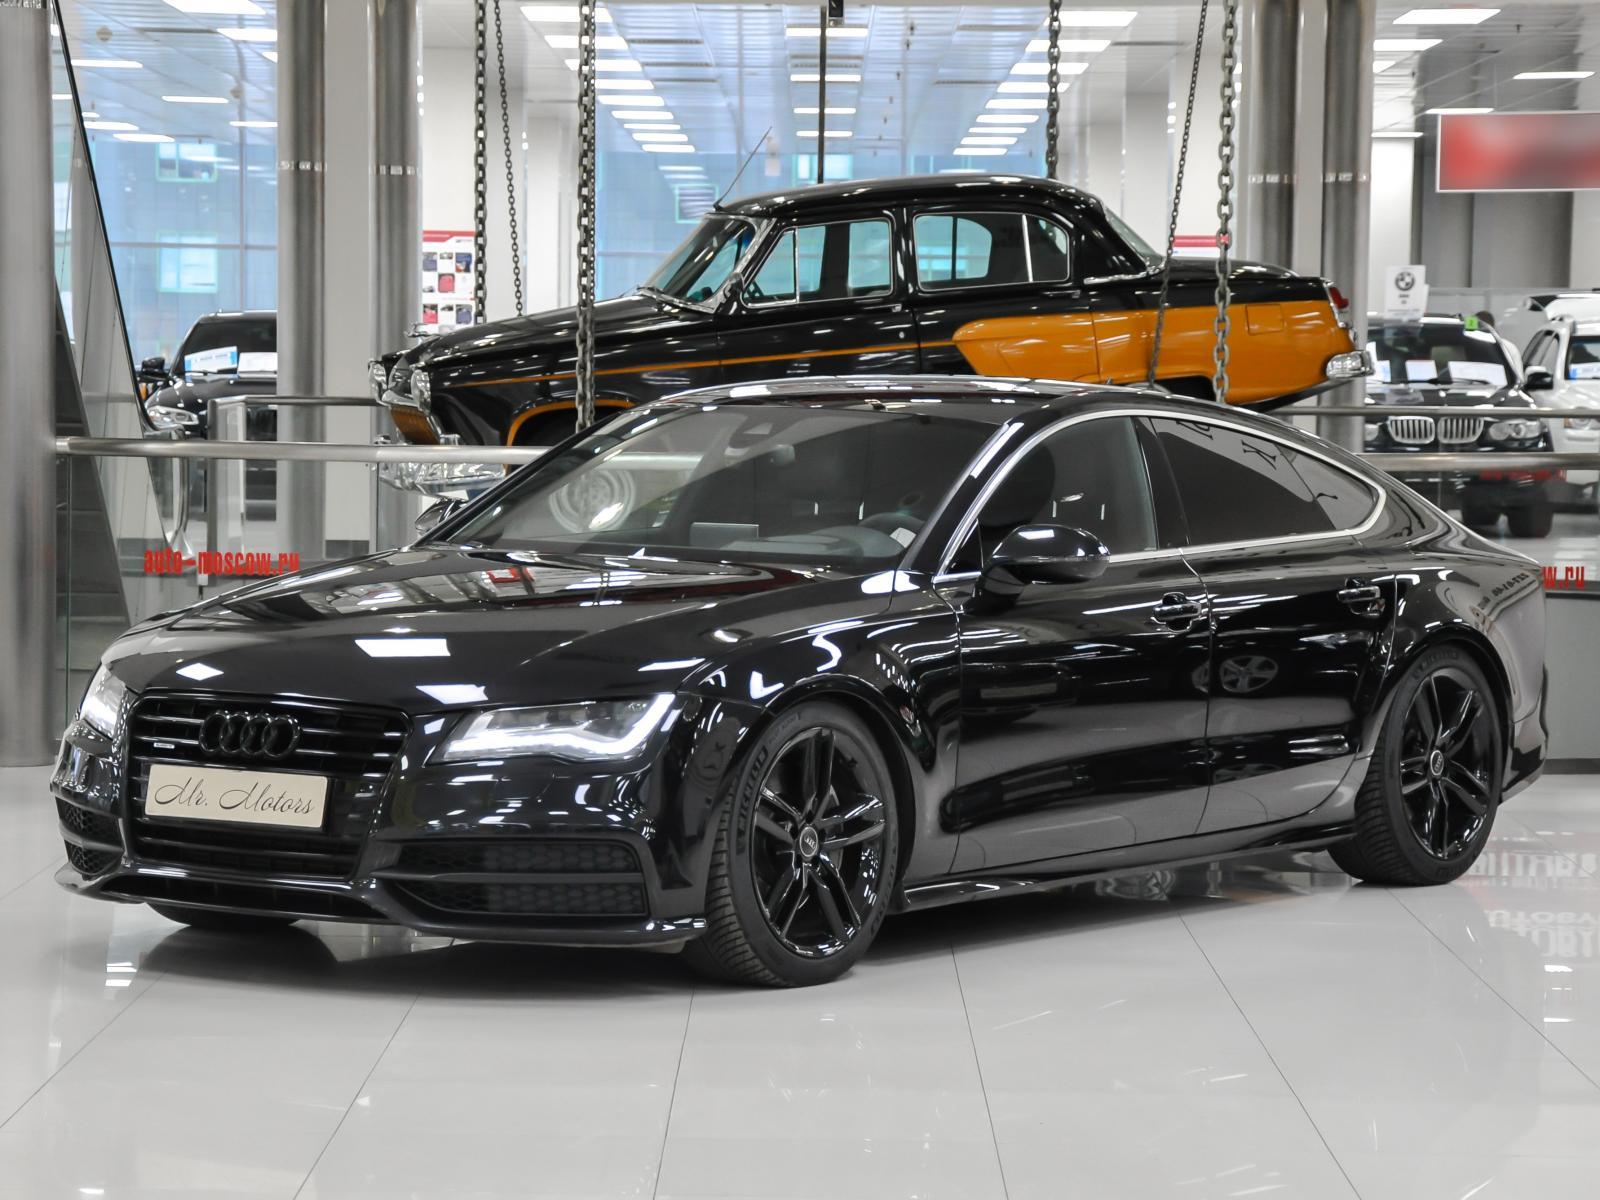 Audi A7 с пробегом в Москве. Автомобильная компания Mr.Motors